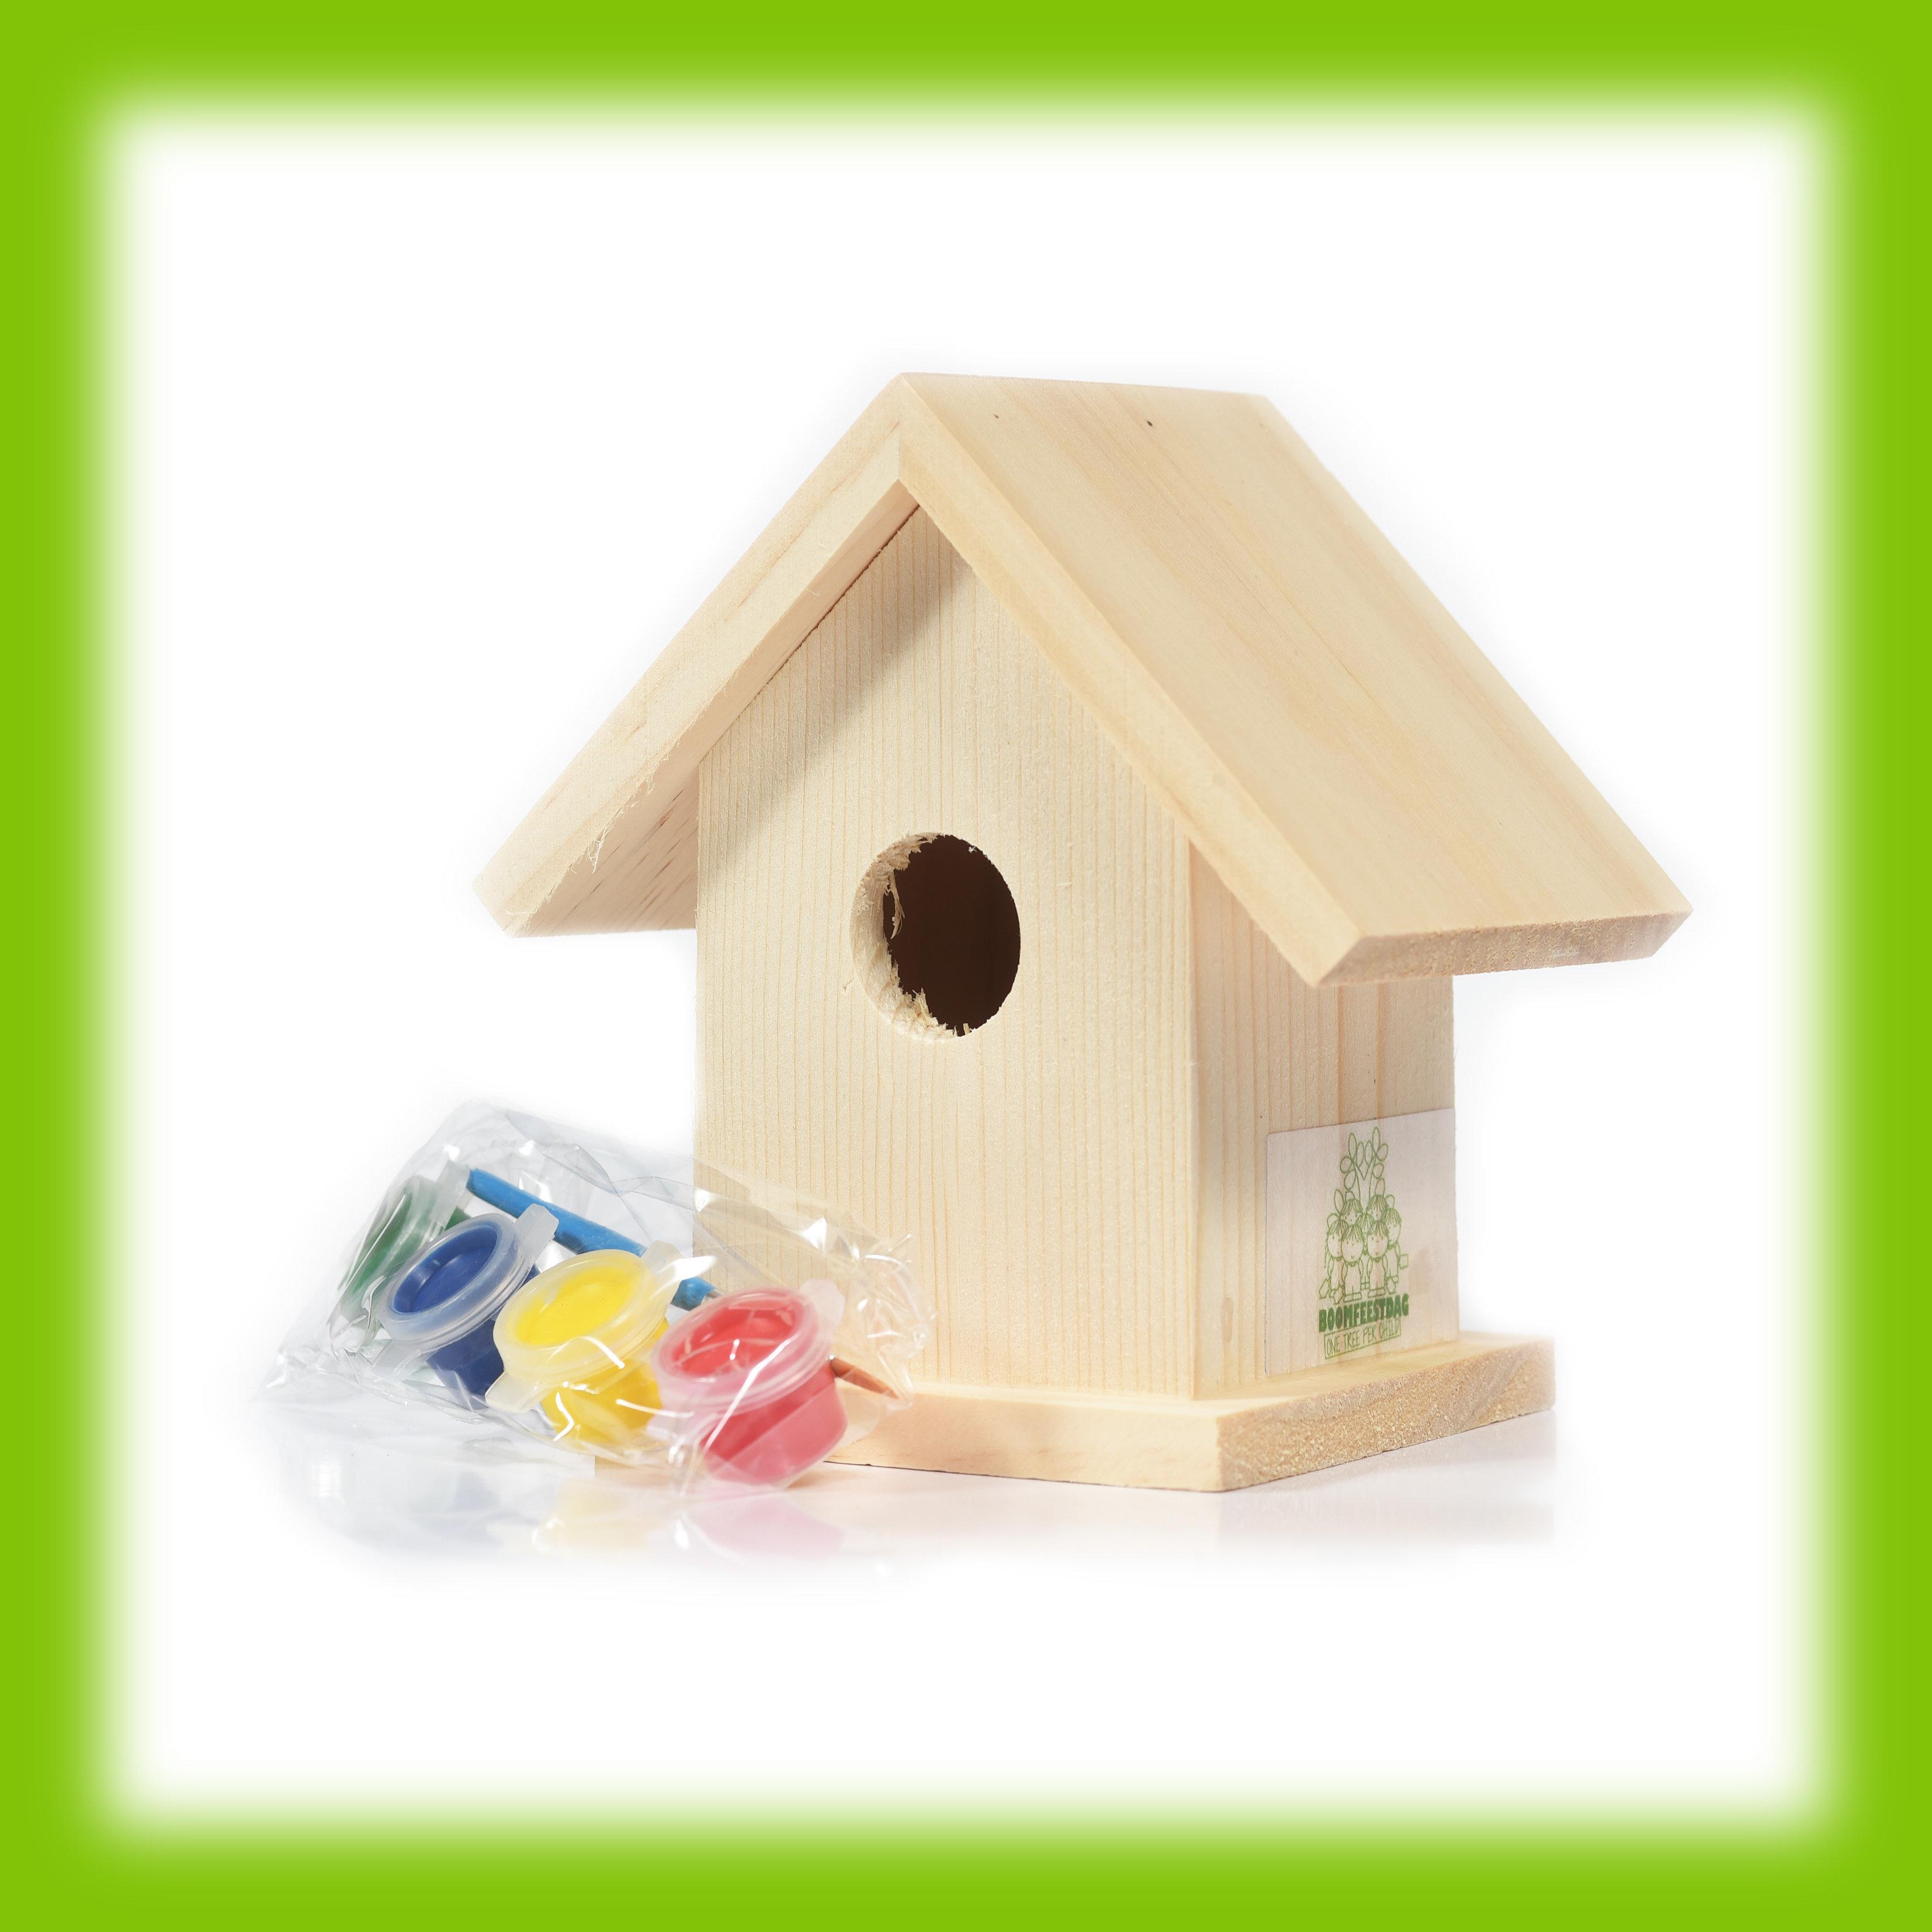 Vogelhuisje met verfset - Overige